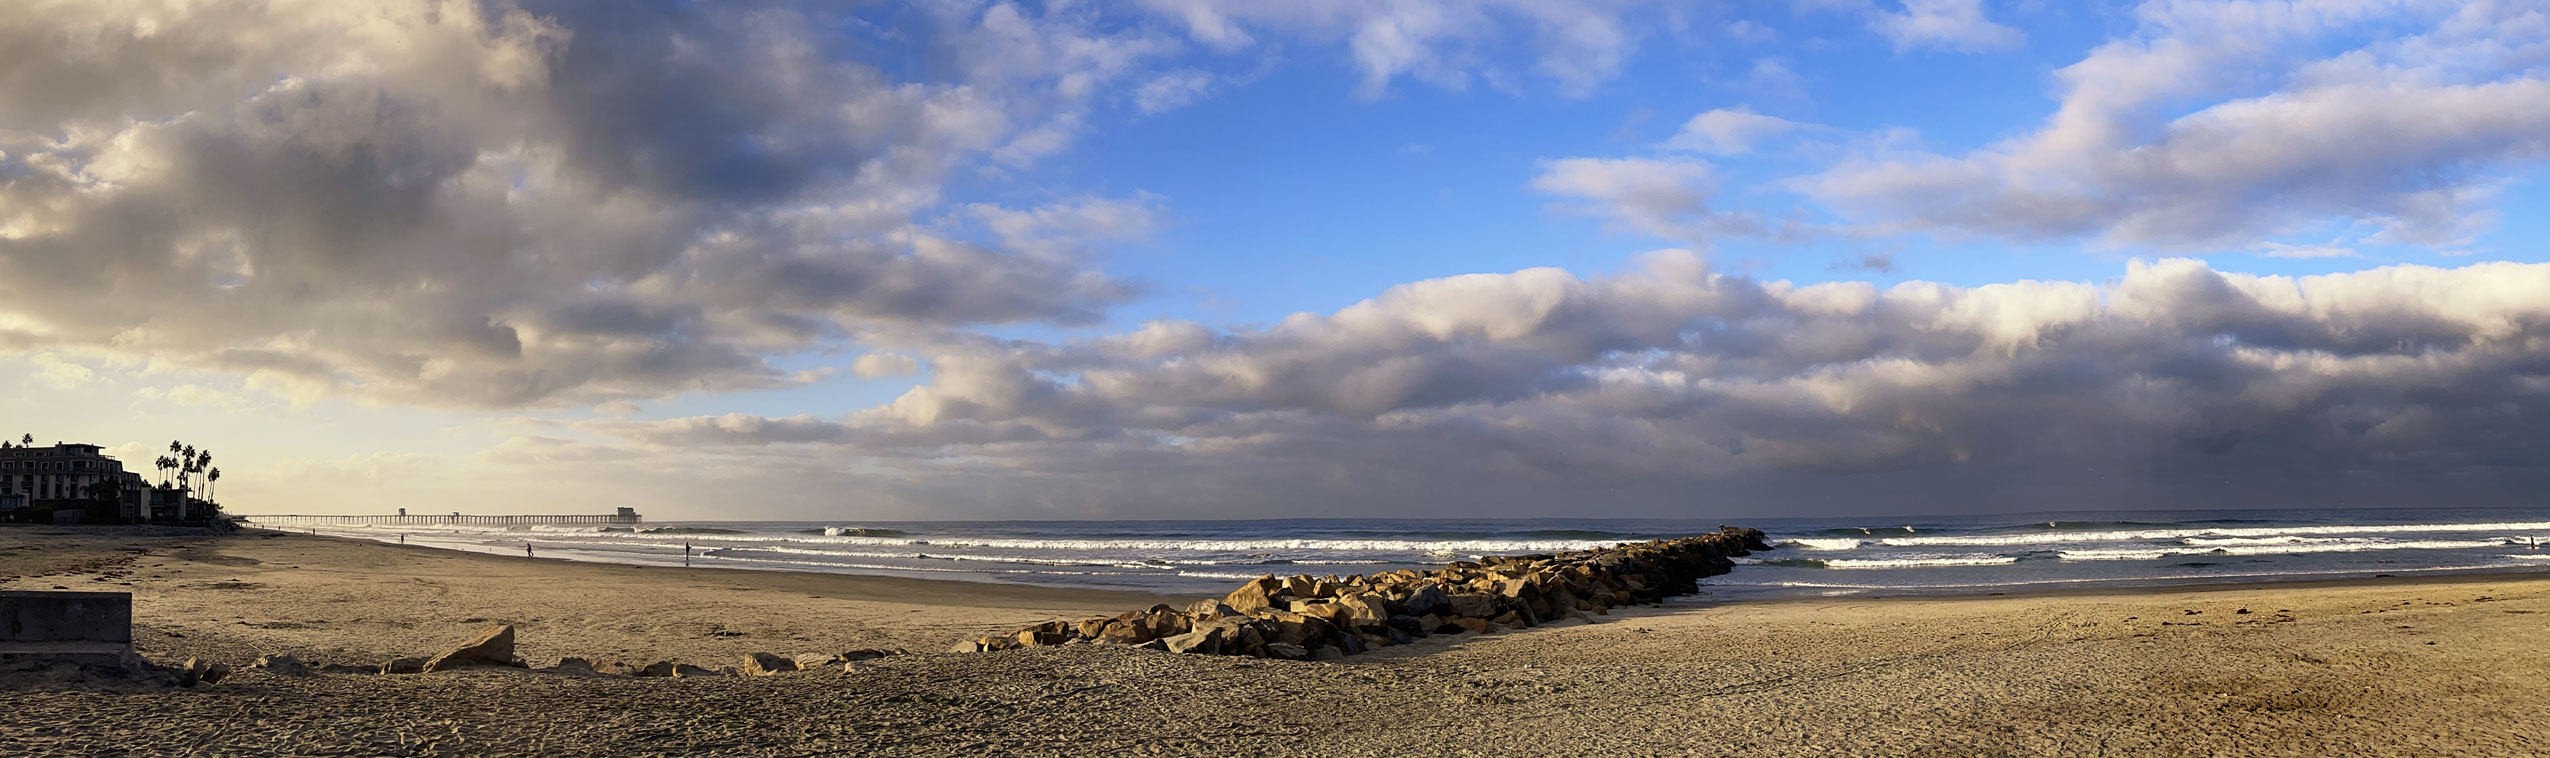 Drew Hendricks - Oceanside Harbor